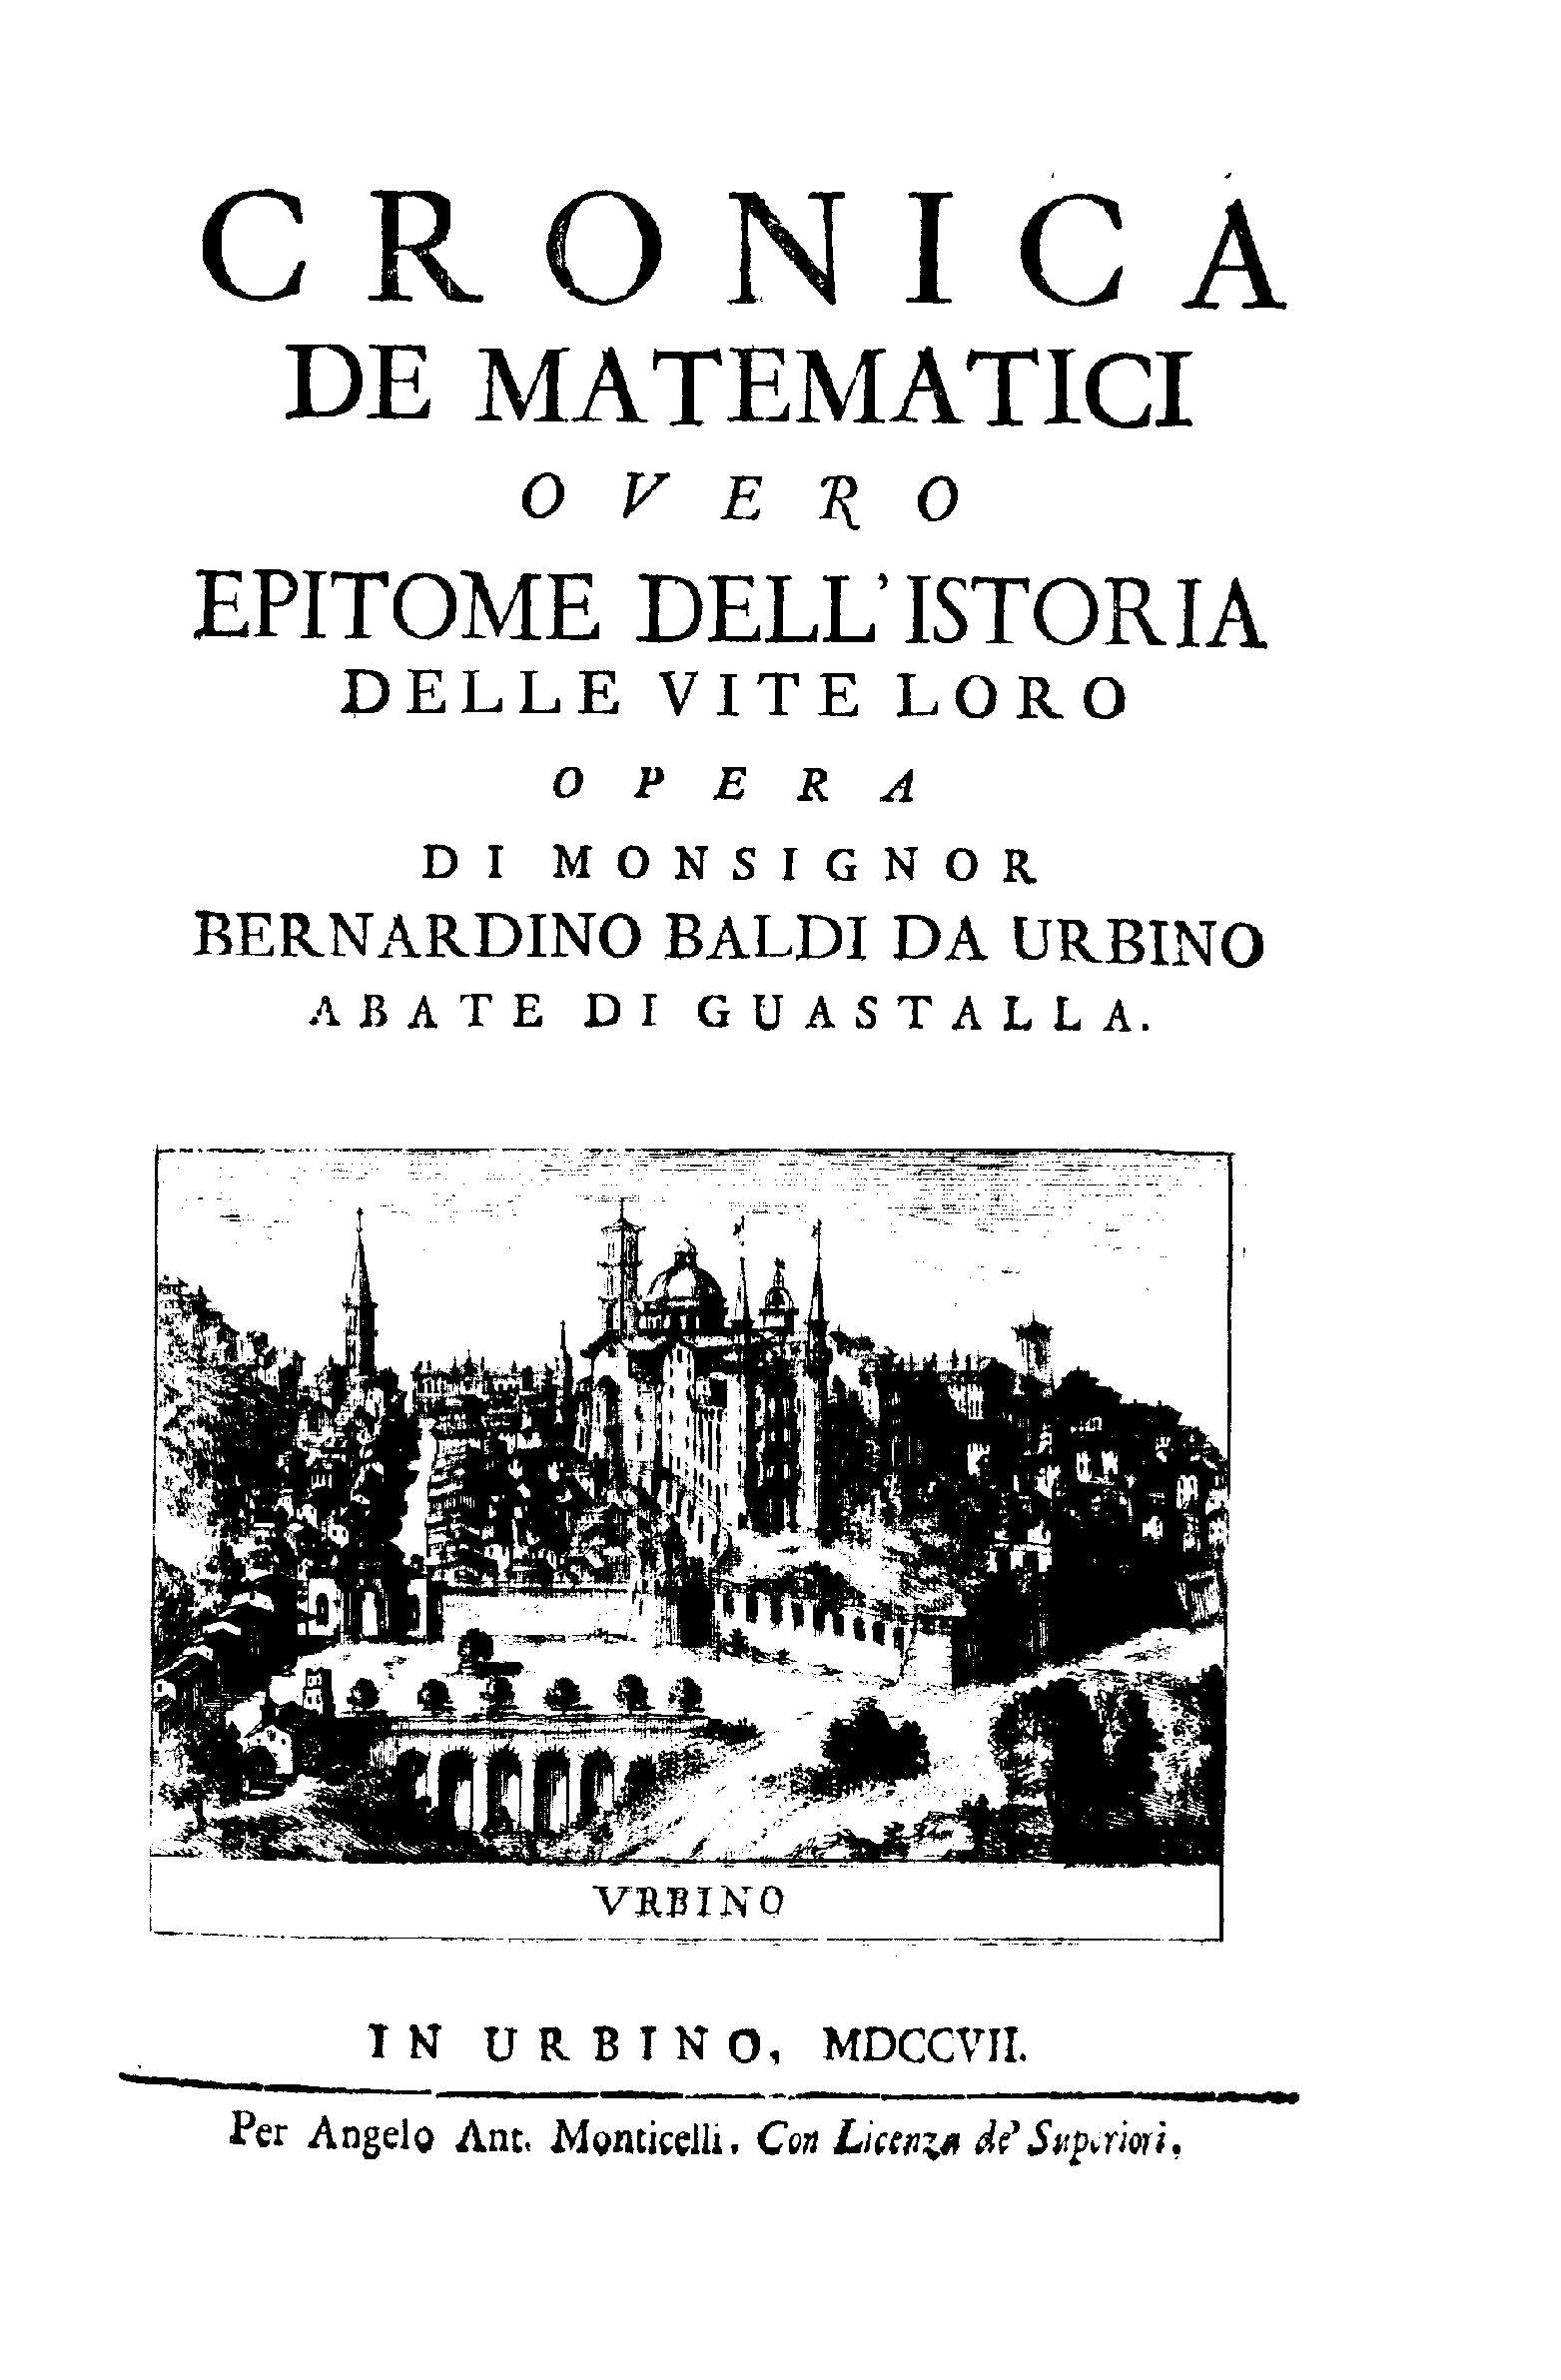 ''Cronica de matematici'', 1707